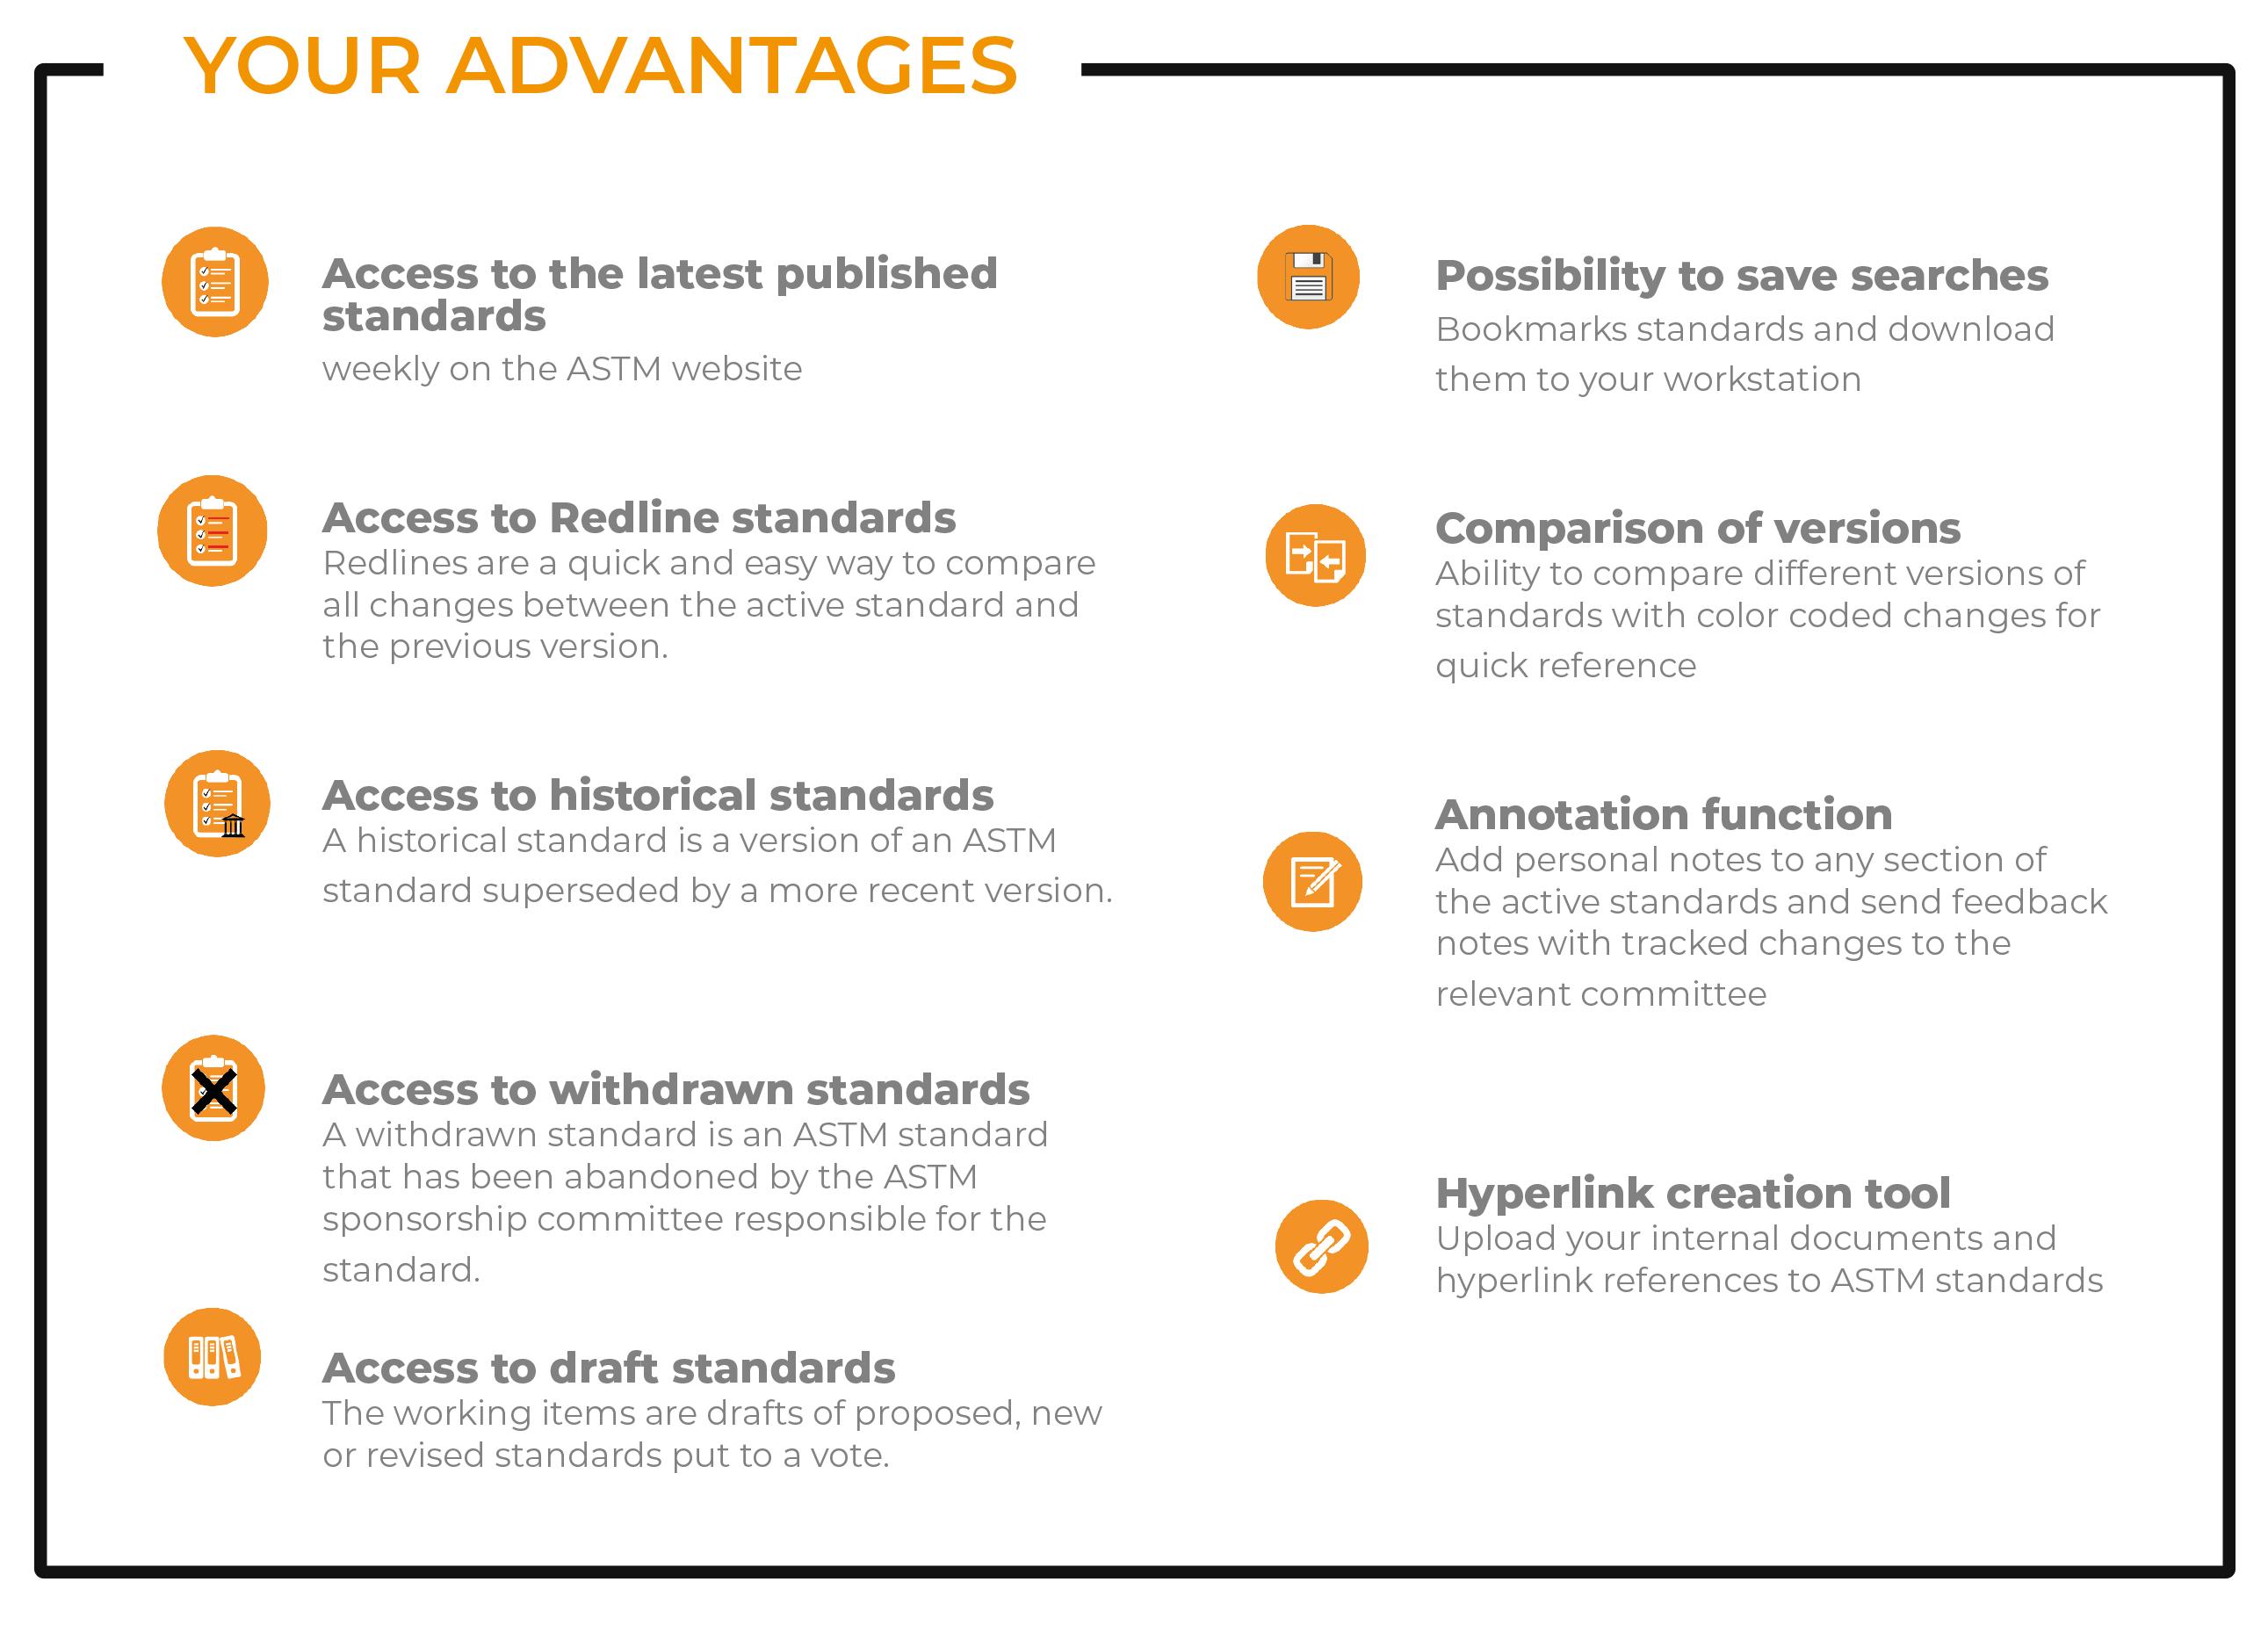 Avantages abonnement ASTM Compass